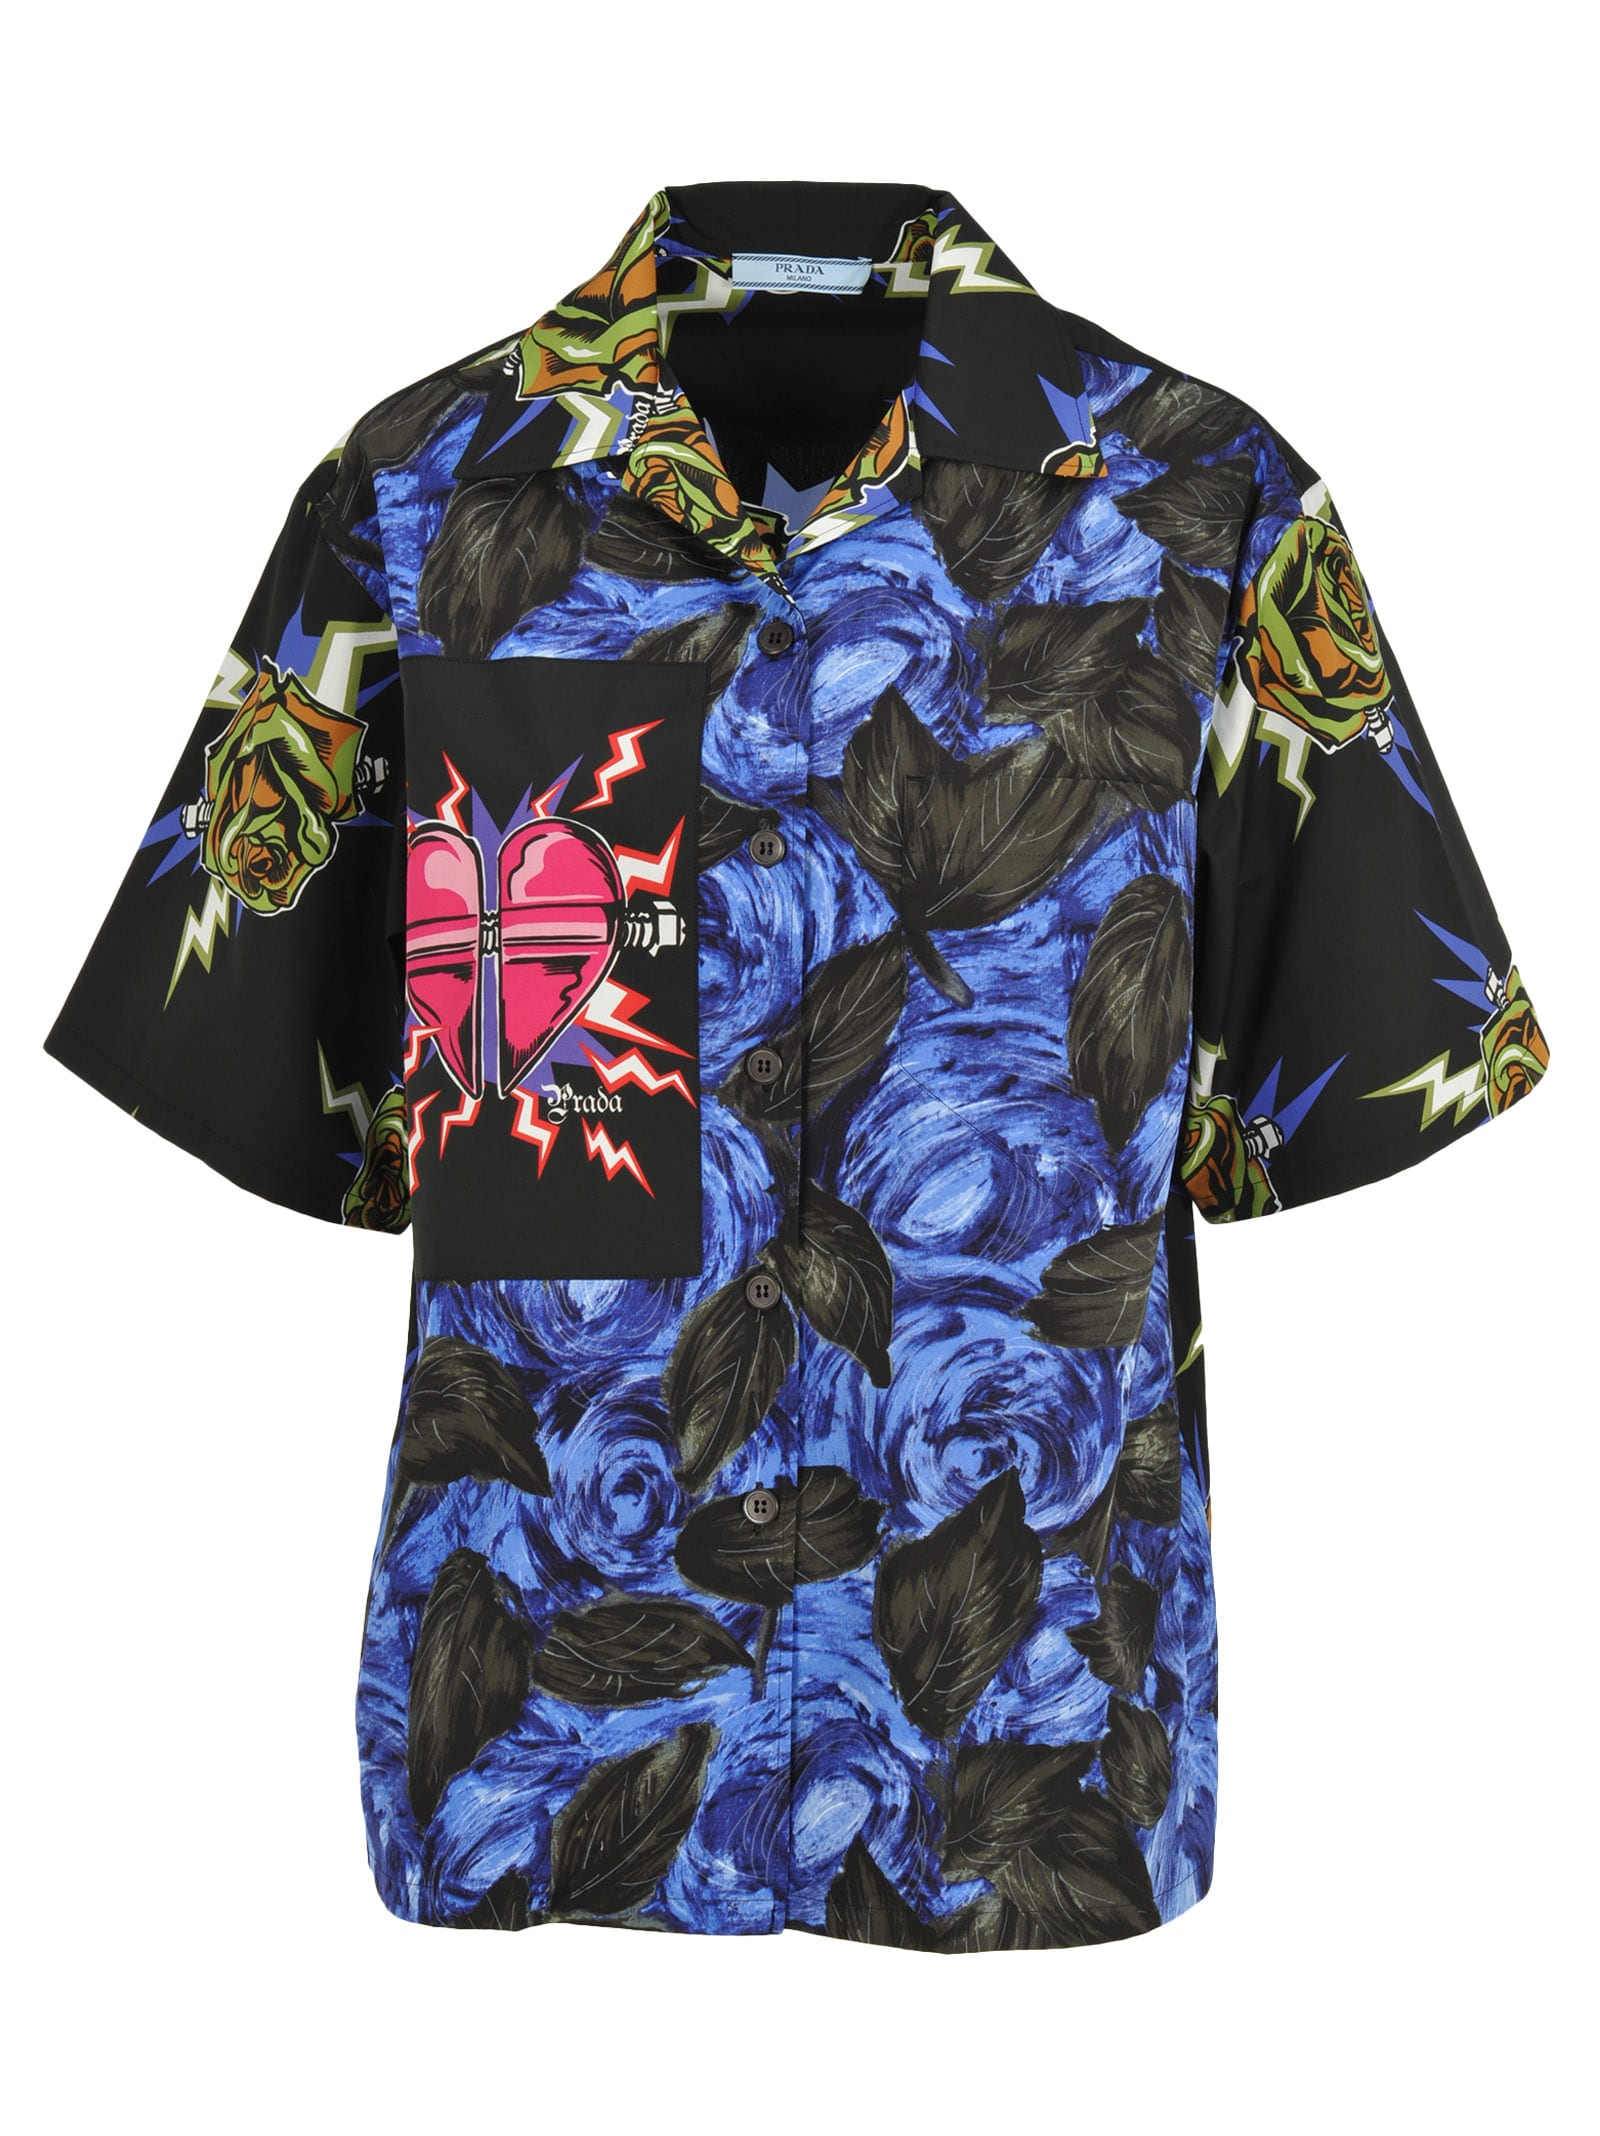 6d85bc6eac Prada Printed Poplin Shirt